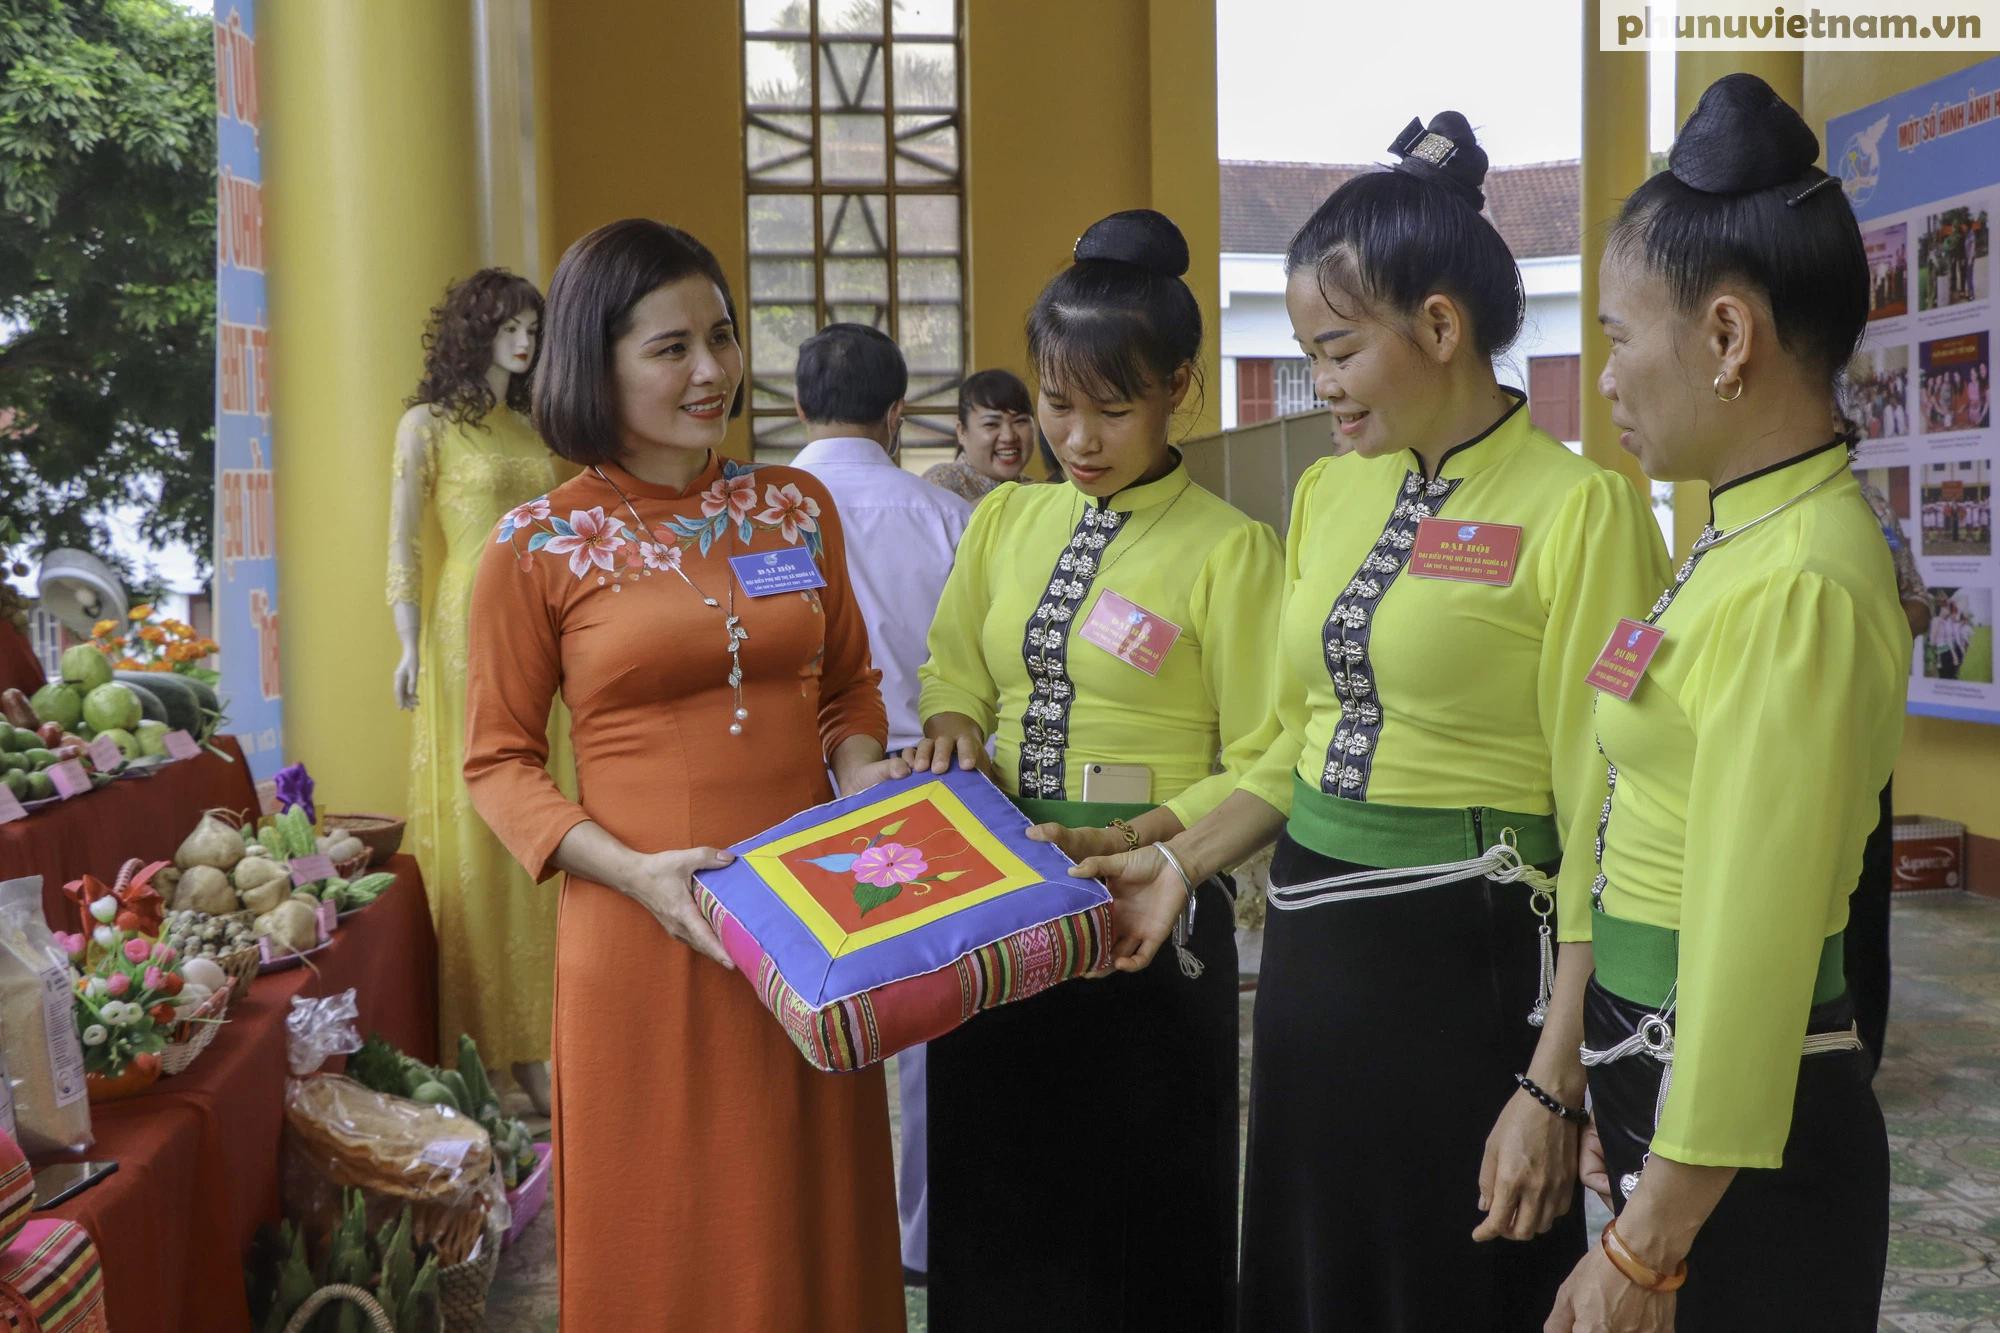 Yên Bái tổ chức thành công Đại hội đại biểu phụ nữ cấp huyện, thị, thành phố - Ảnh 2.